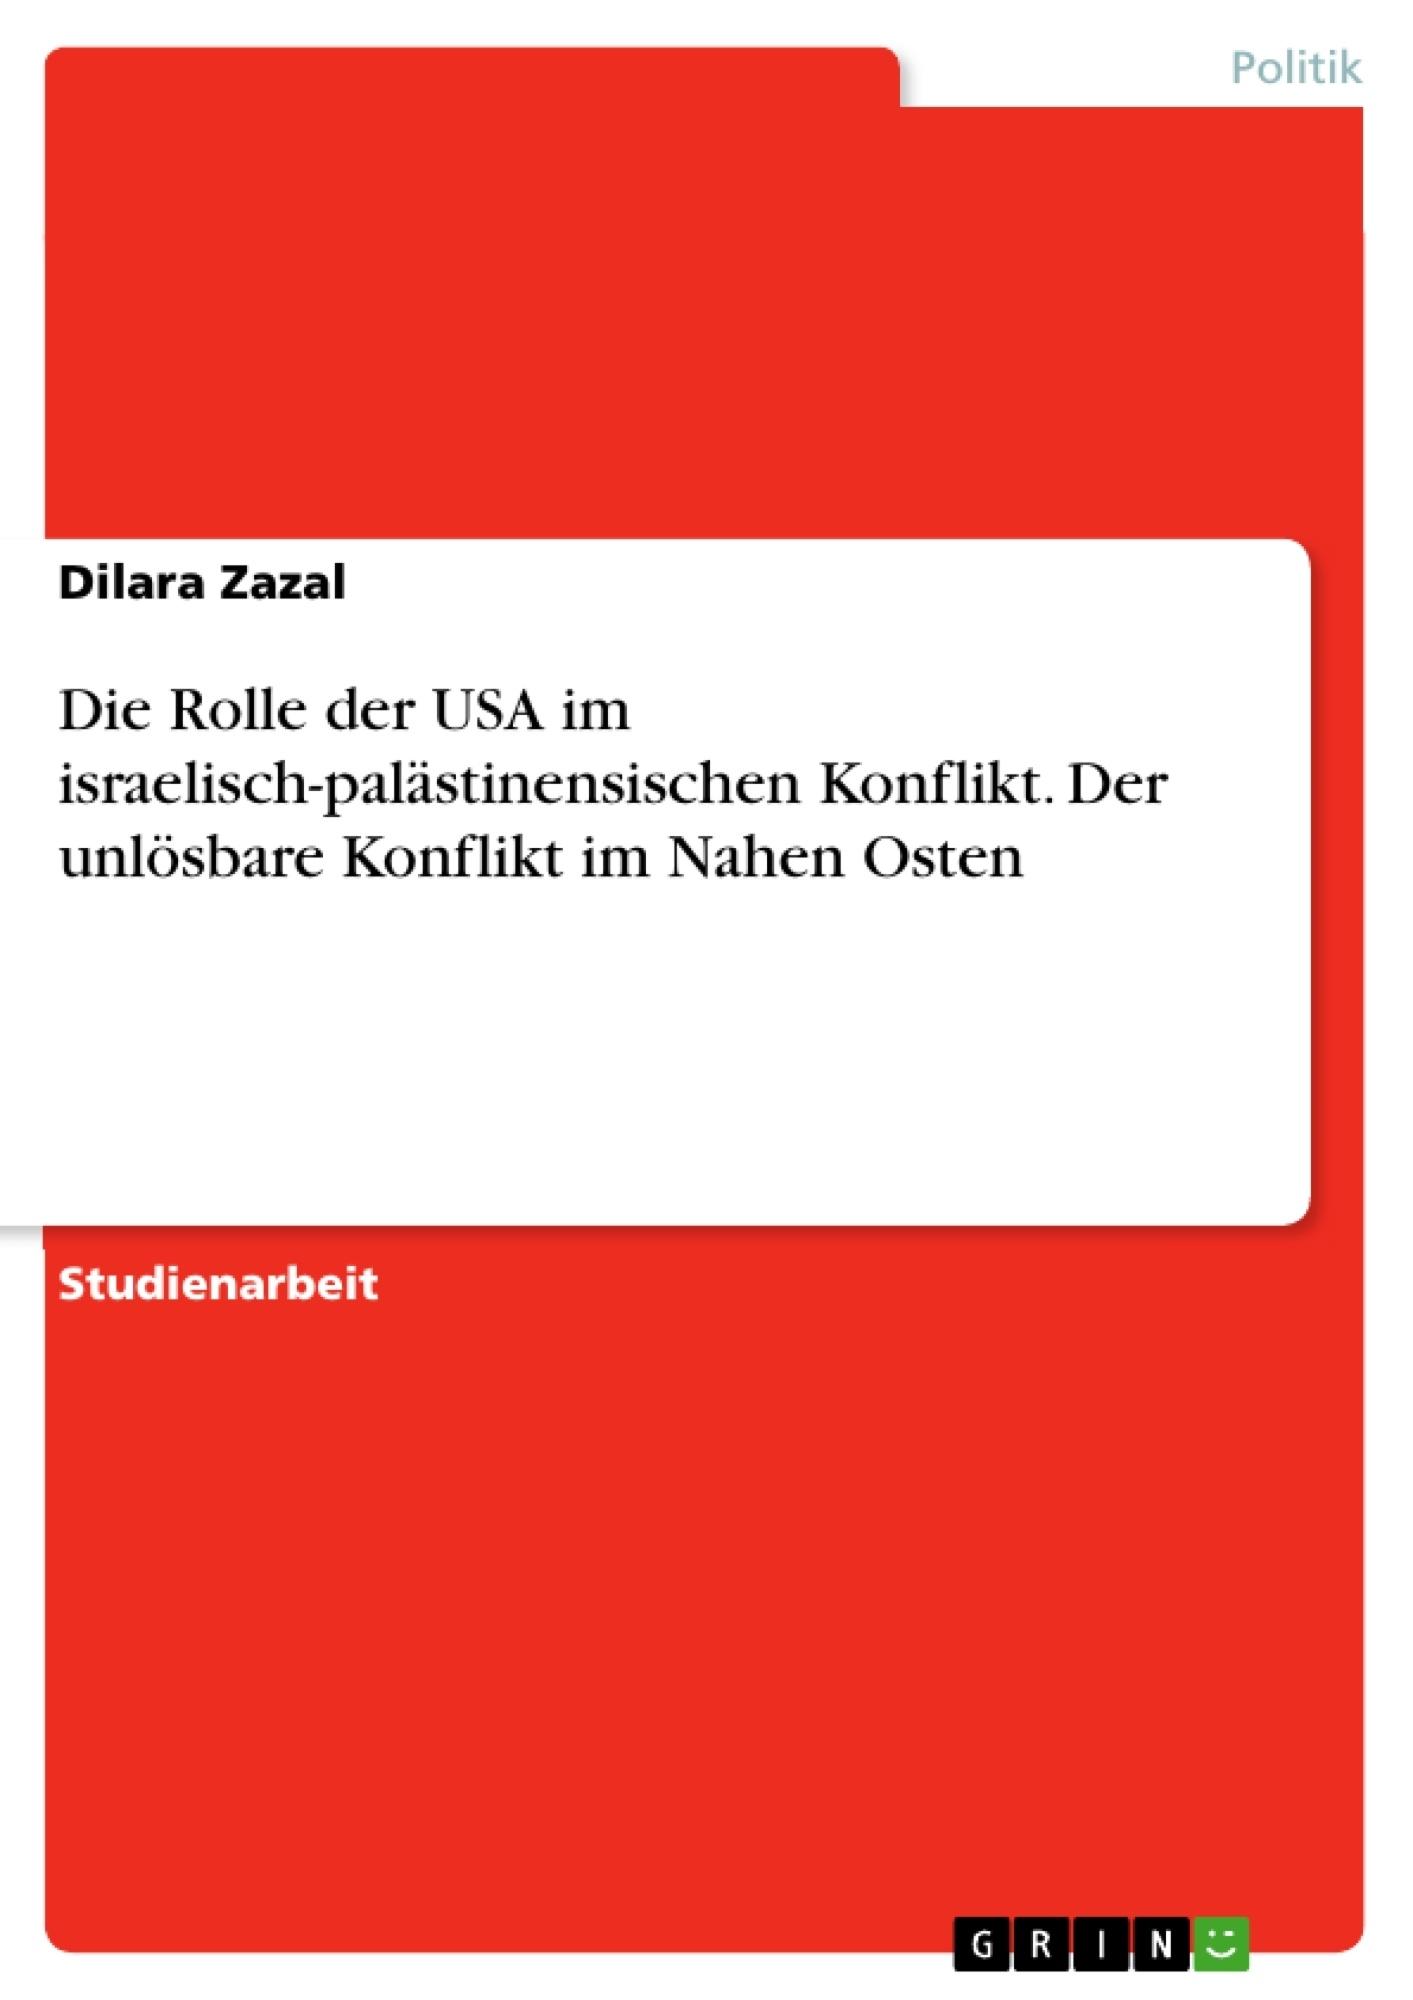 Titel: Die Rolle der USA im israelisch-palästinensischen Konflikt. Der unlösbare Konflikt im Nahen Osten